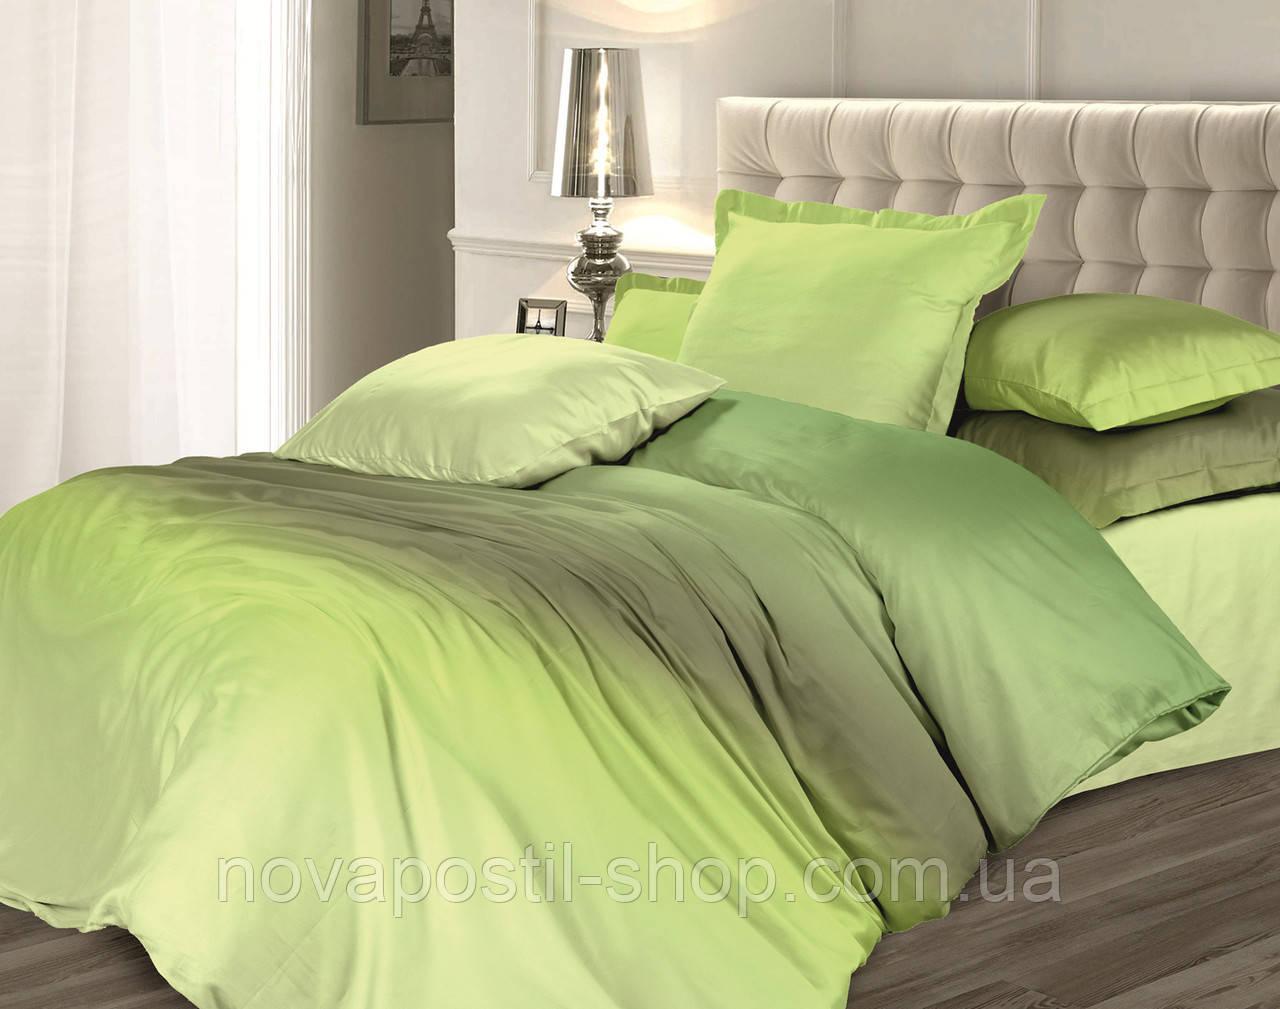 Оливковый сорбет, однотонное постельное белье омбре из сатина